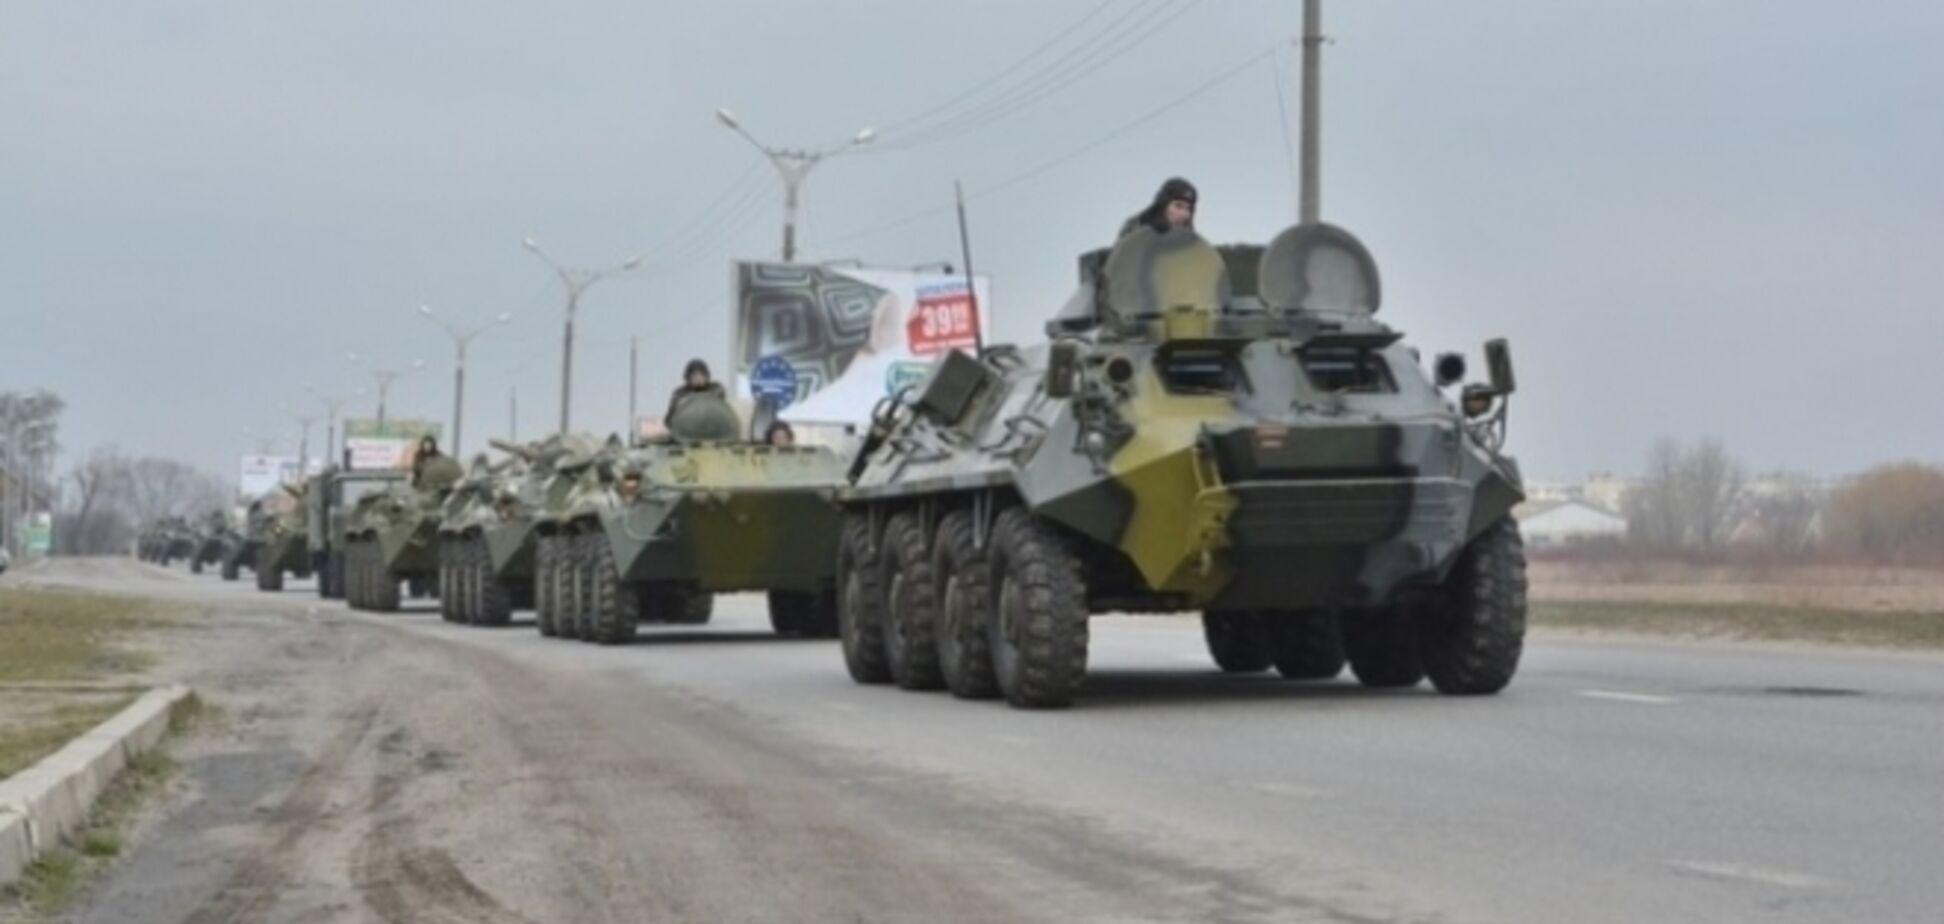 Две колонны бронетехники движутся к Славянску - очевидцы